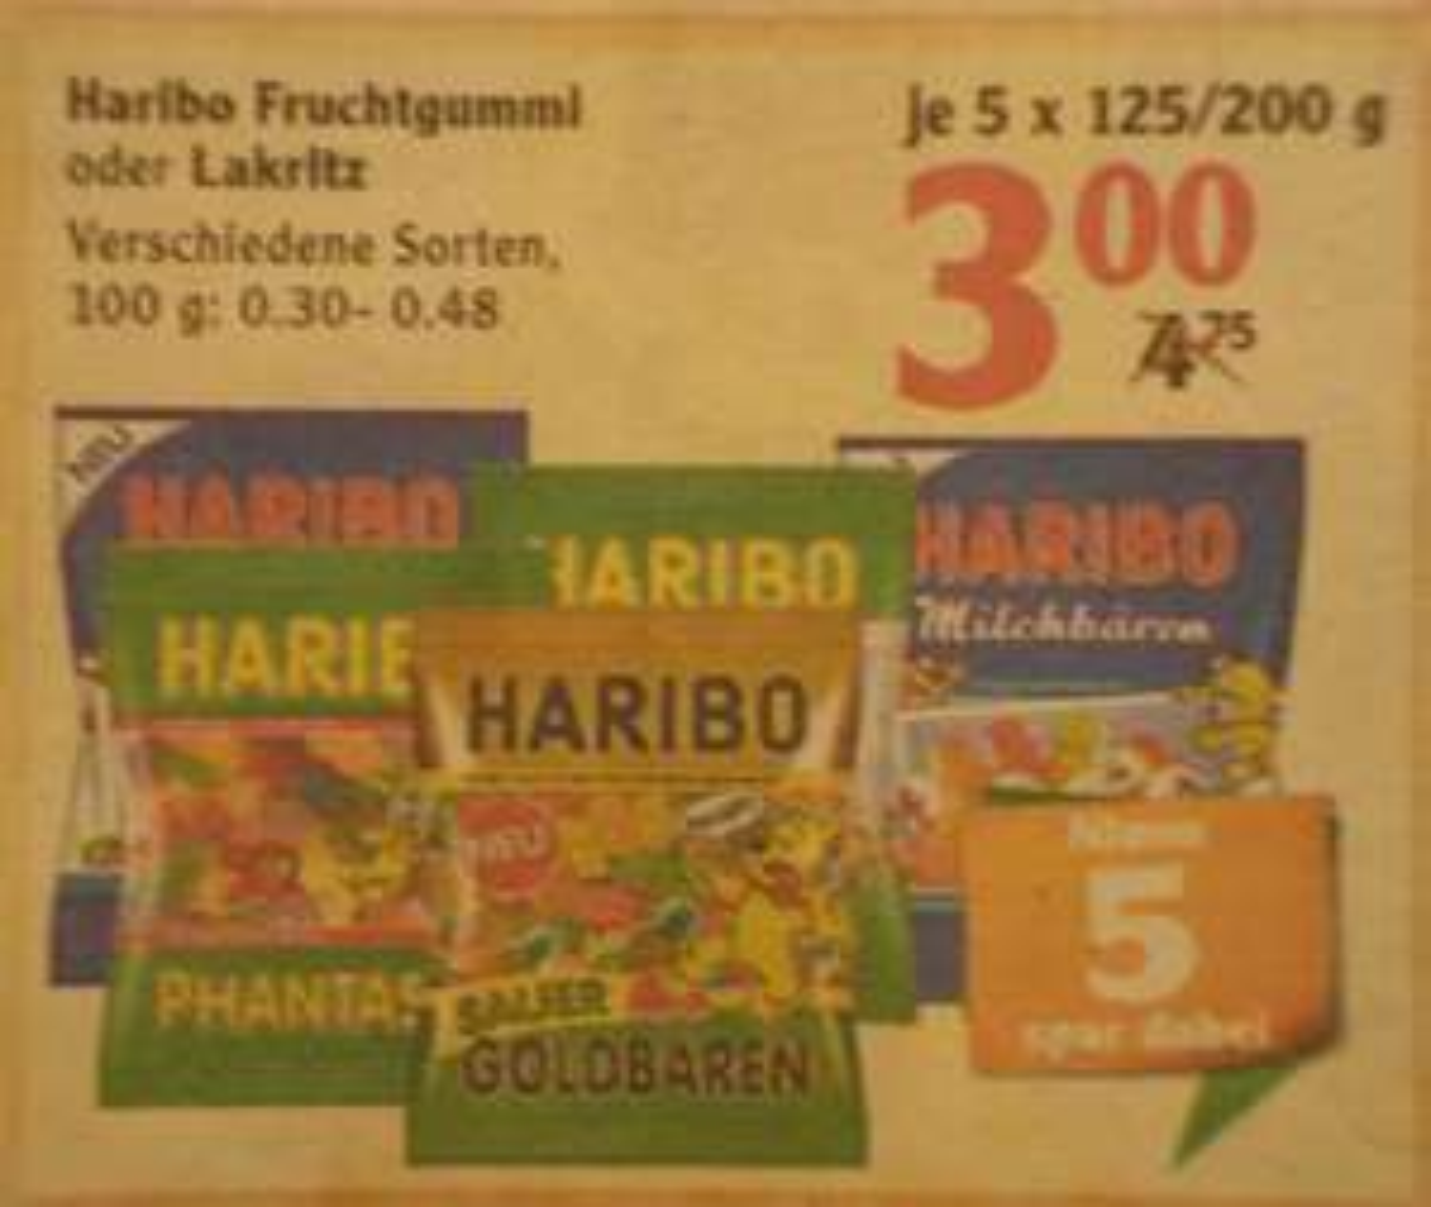 [Globus] 5 x Haribo Fruchtgummi oder Lakritz (versch. Sorten) für 3,00€ (0,60€ / Tüte)